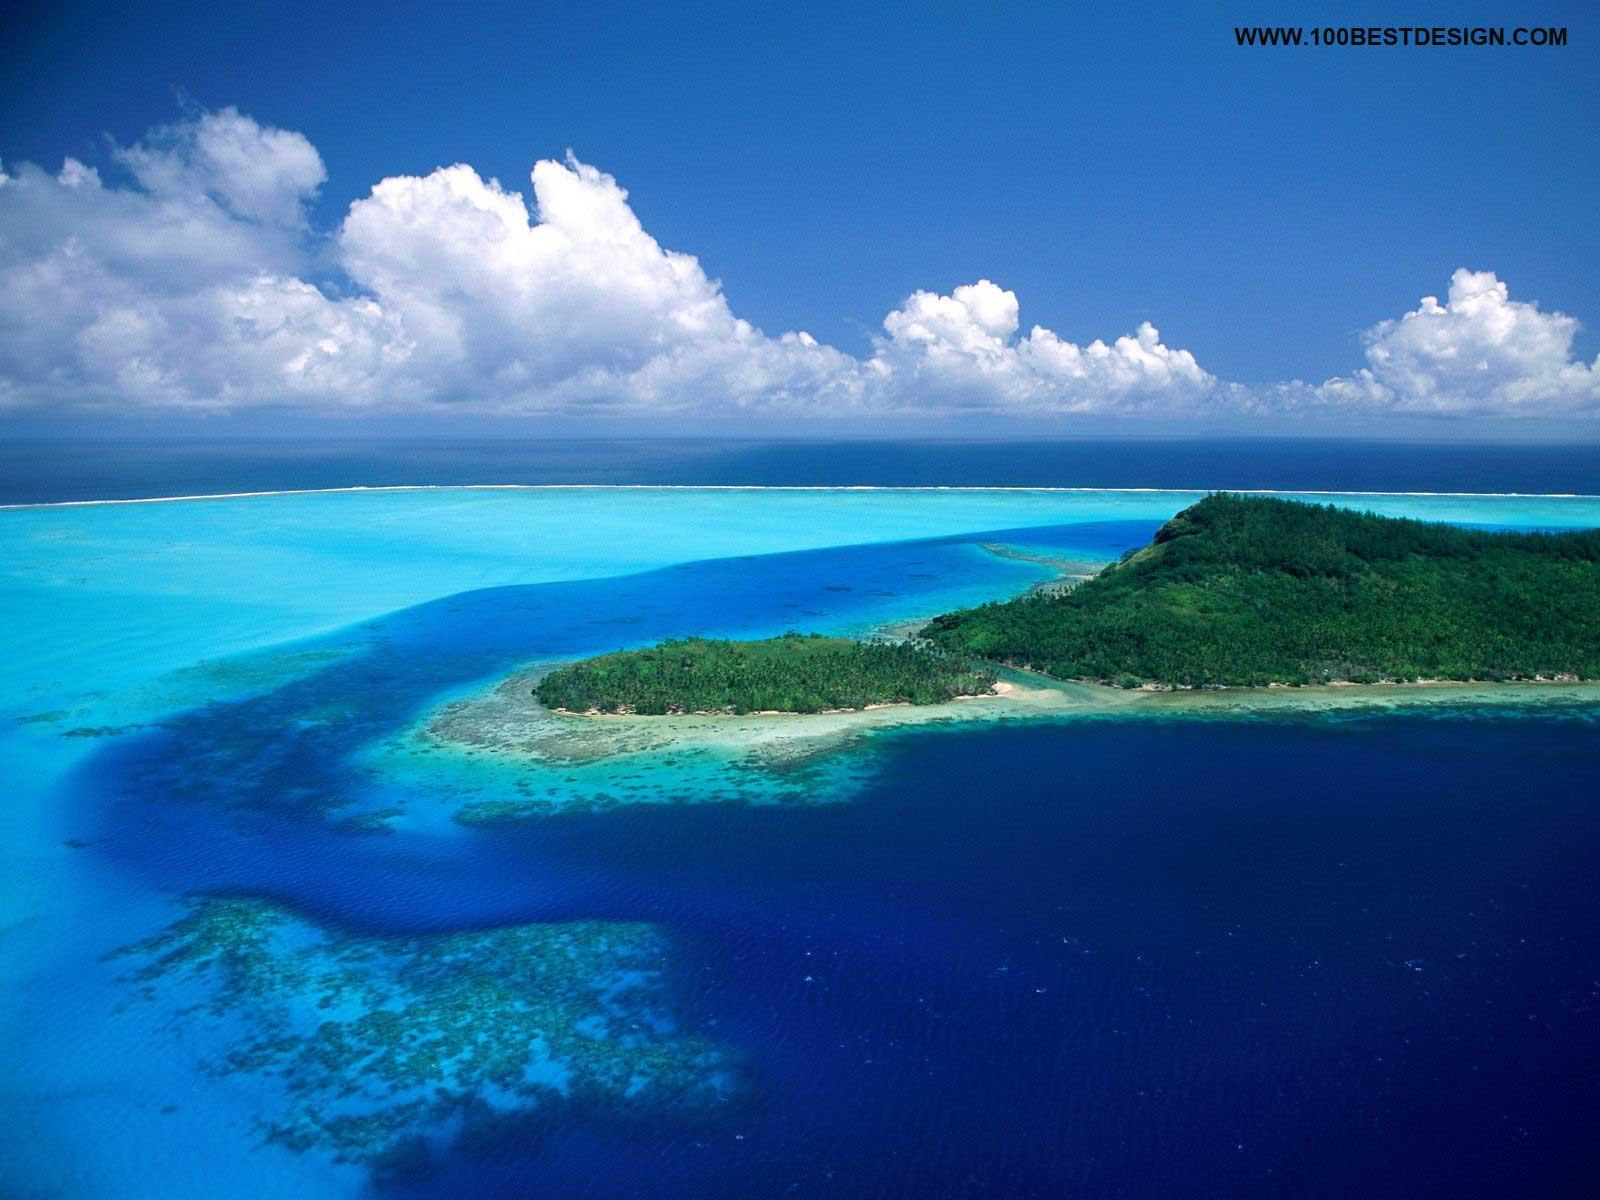 38-Top-100-nice-nature-desktop-wallpaper-and-background-Pacific-ocean ...